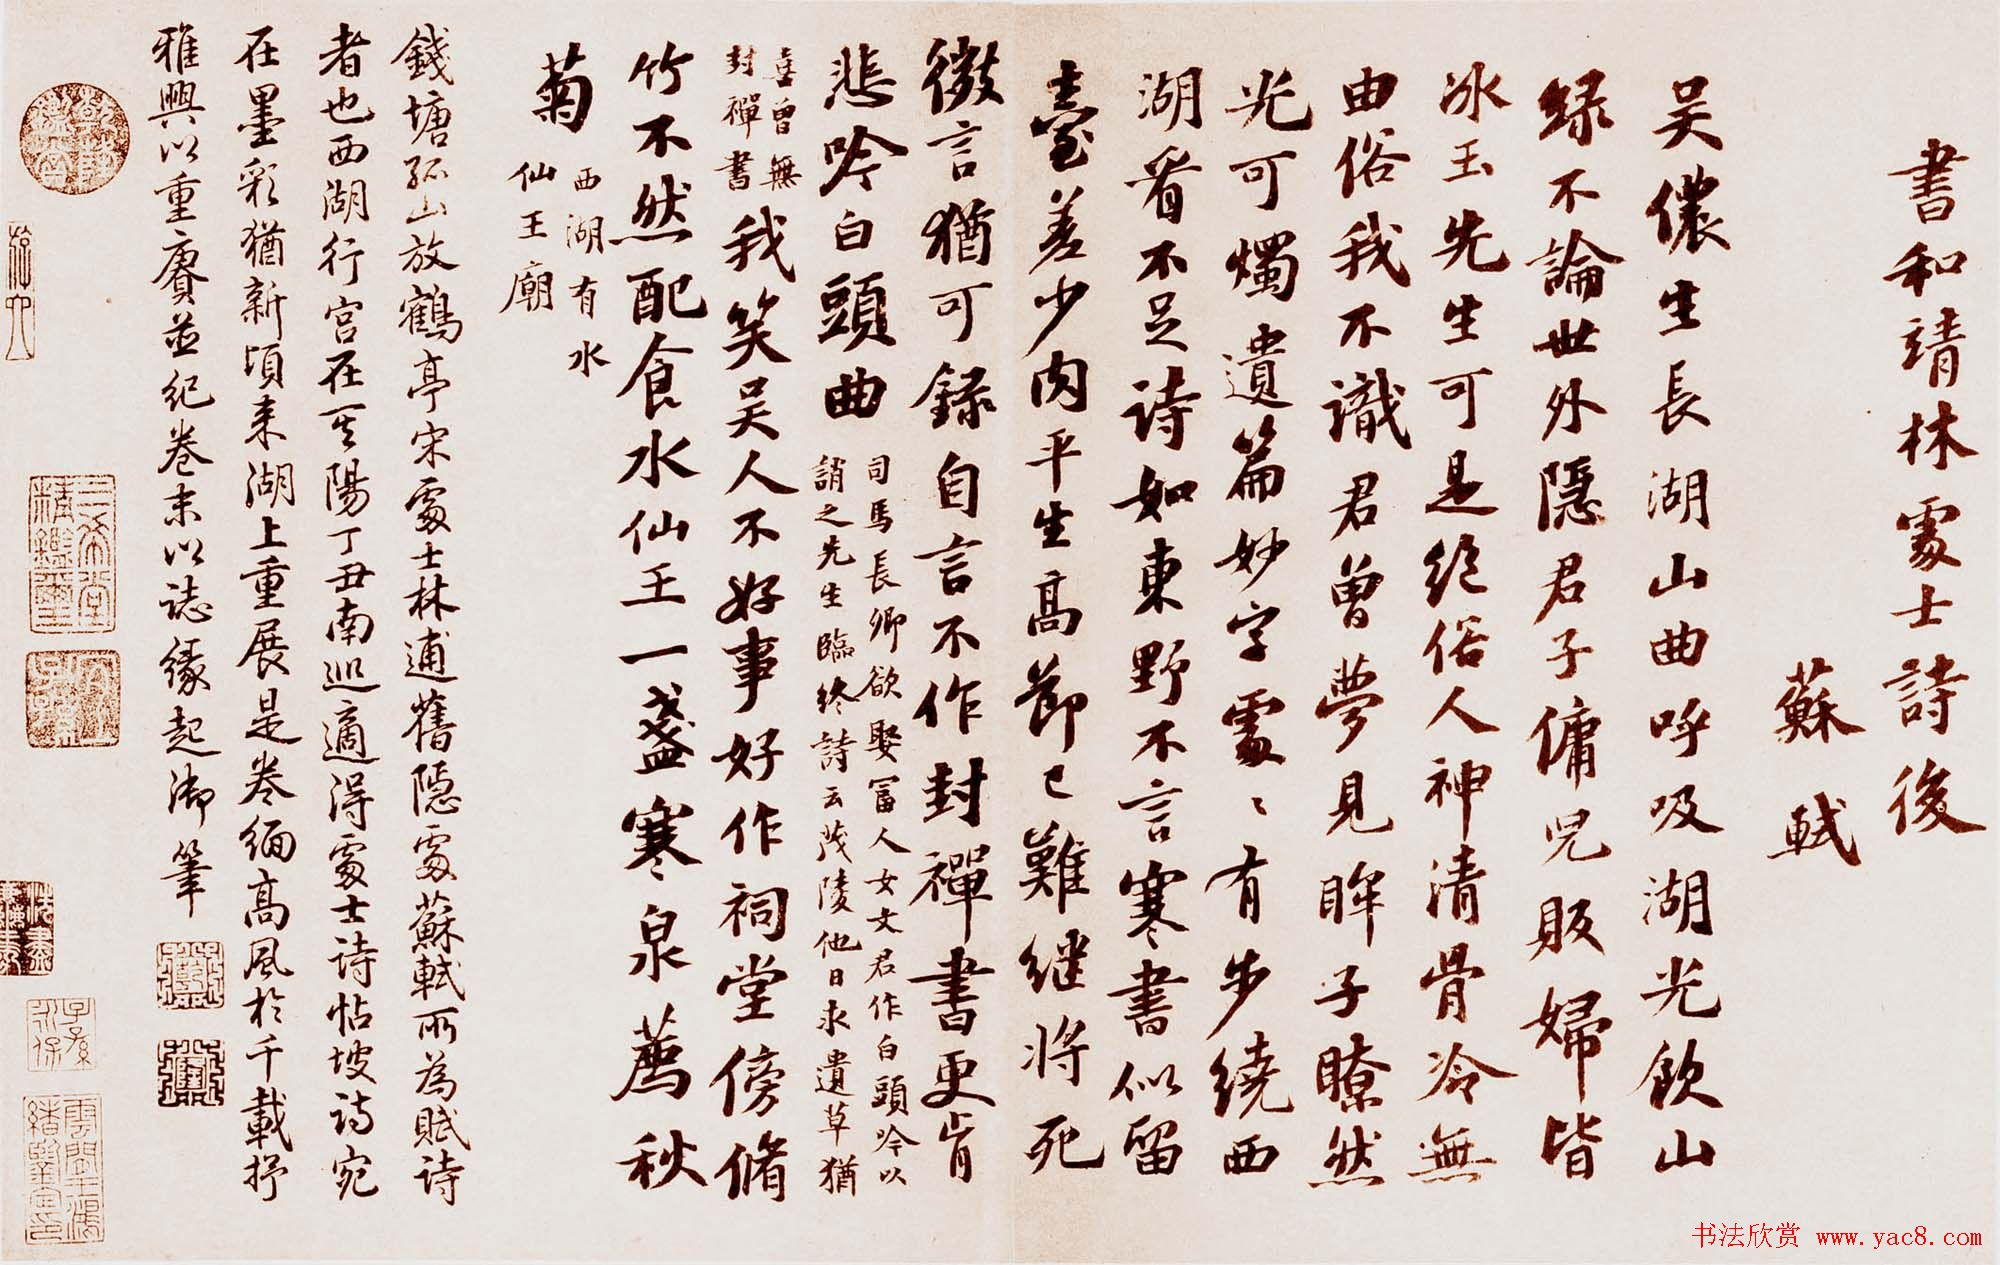 苏轼书法墨迹欣赏《书林逋诗后》